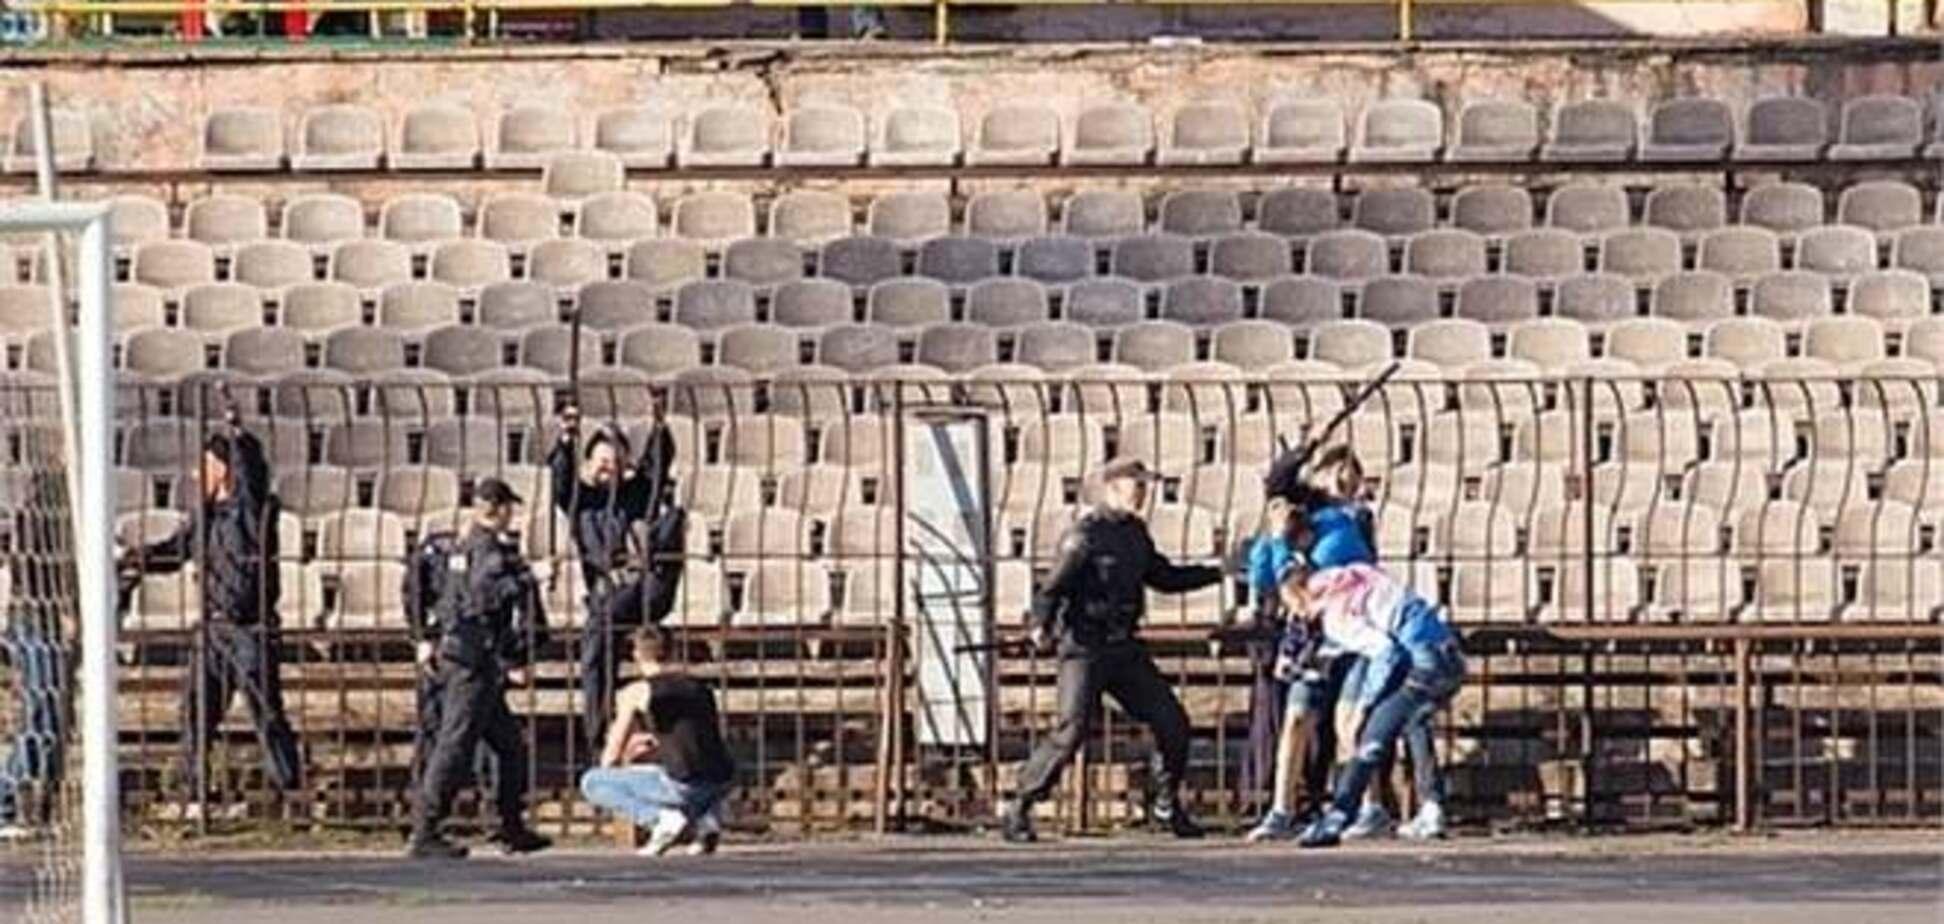 Фанаты обанкротившегося 'Кривбасса' устроили беспорядки